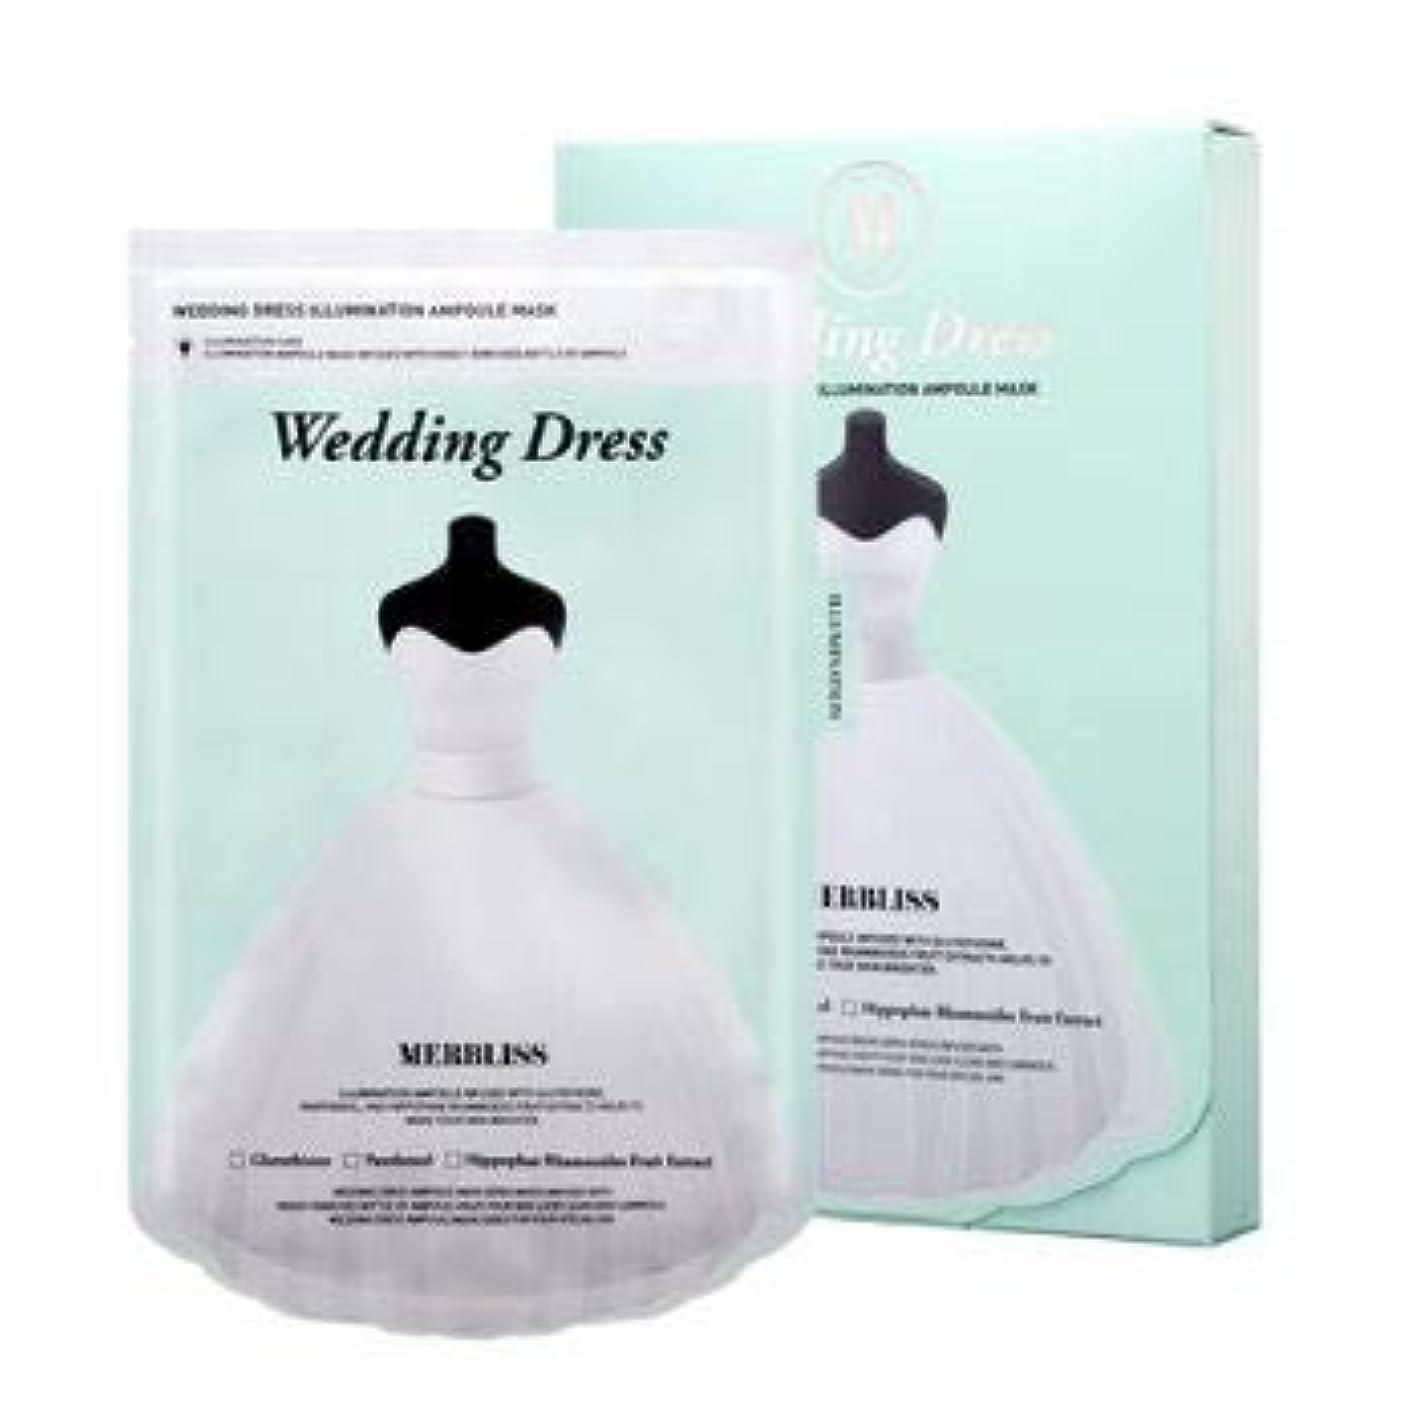 復活するはがき太い[Merbliss] Wedding Dress Illumination Ampoule Mask 25gx5ea /ウェディングドレスイルミネーションアンプルマスク25gx5枚 [並行輸入品]